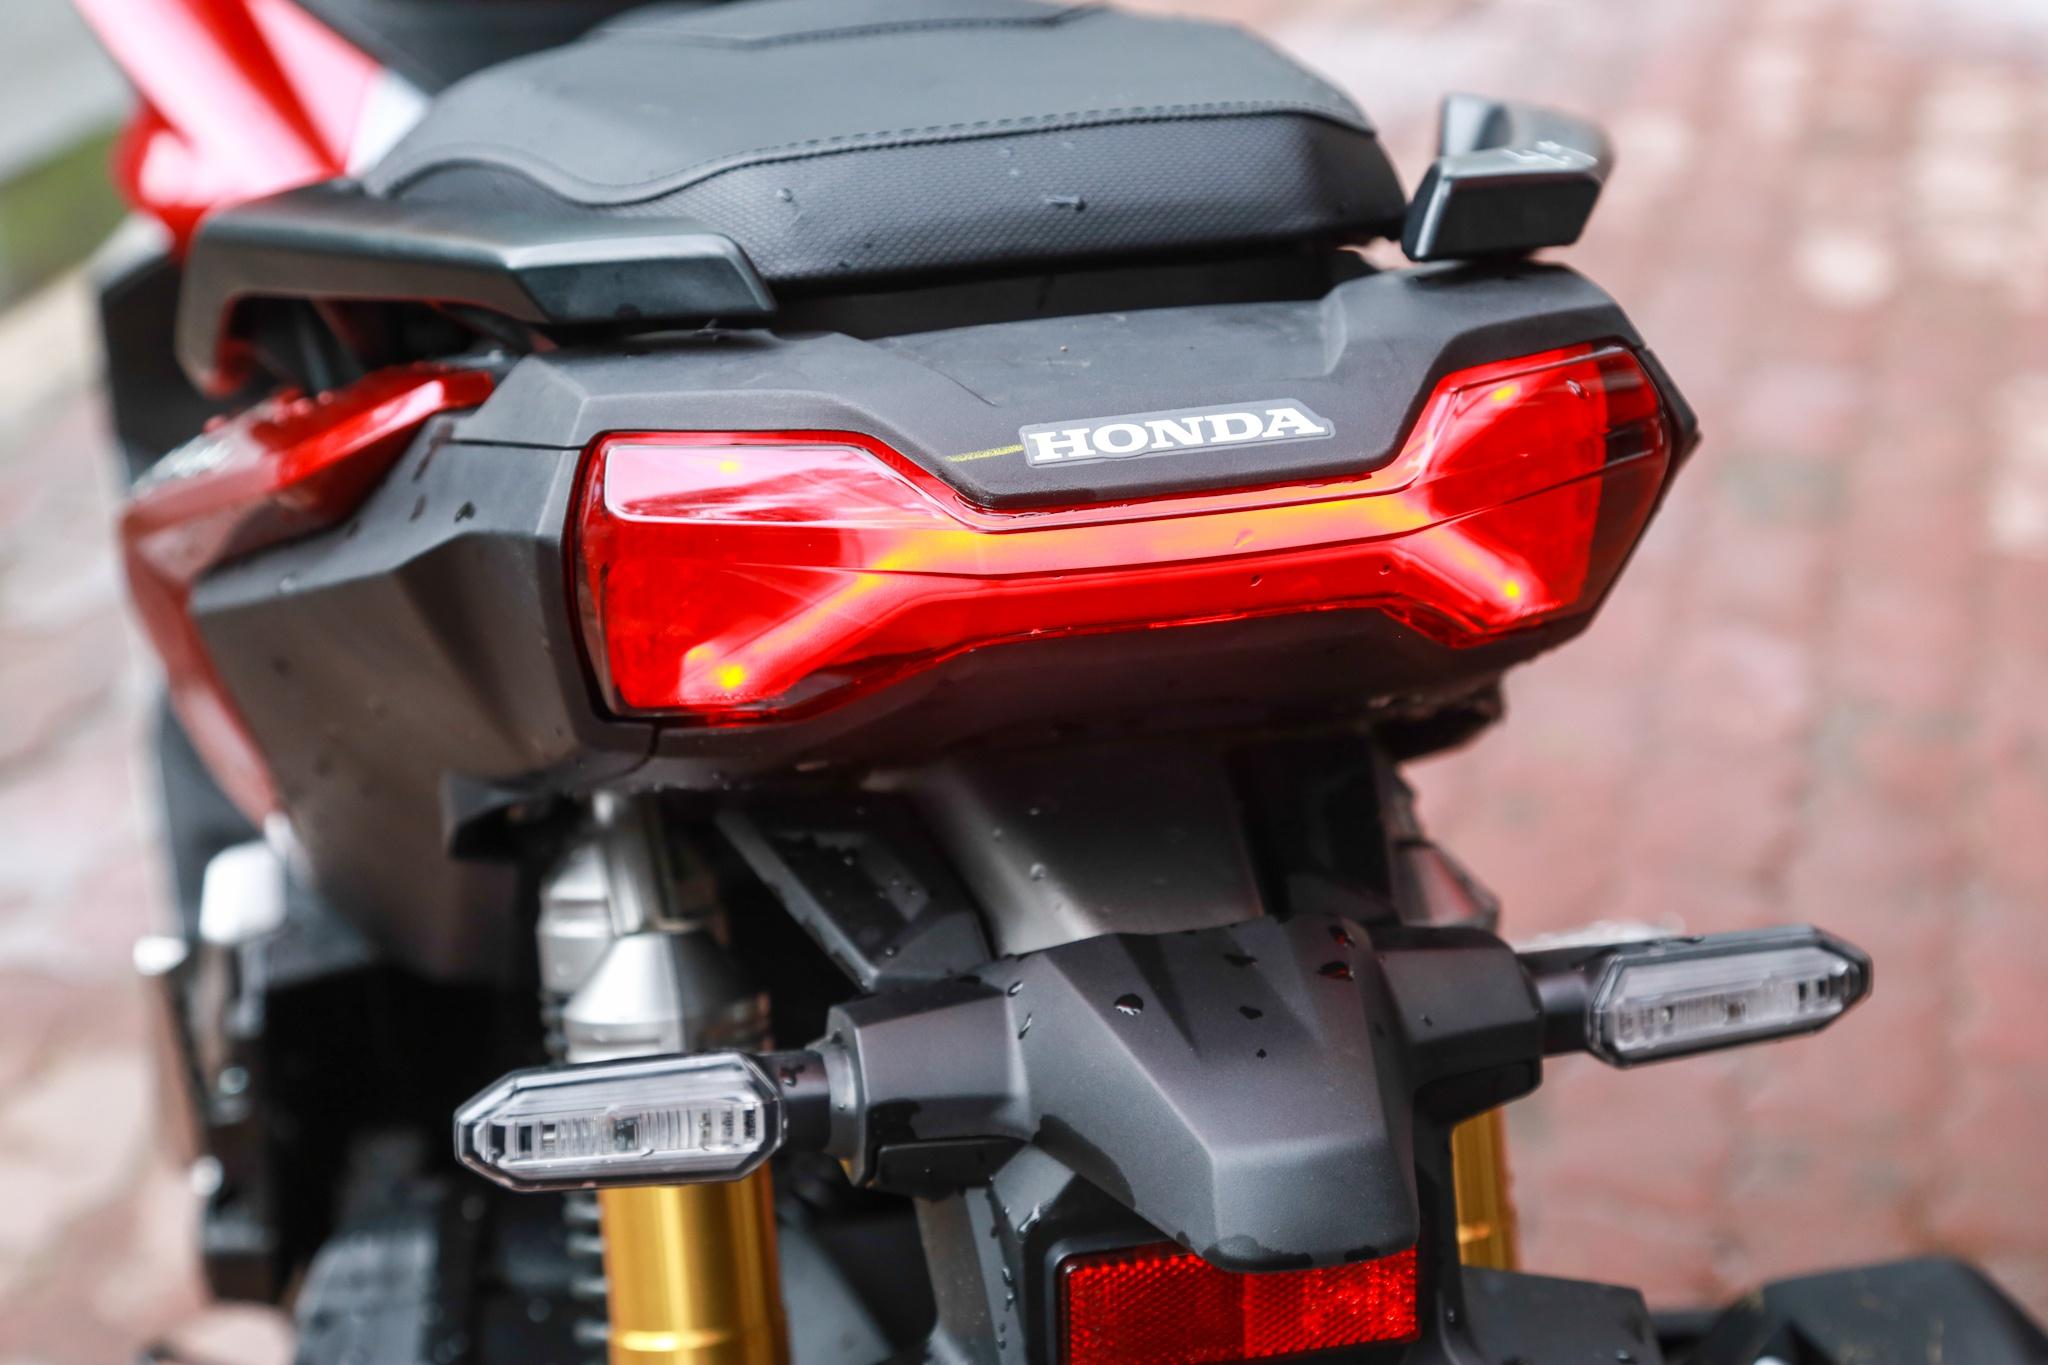 xe-tay-ga-Honda-ADV-150-gia-78-85-trieu-dong-02